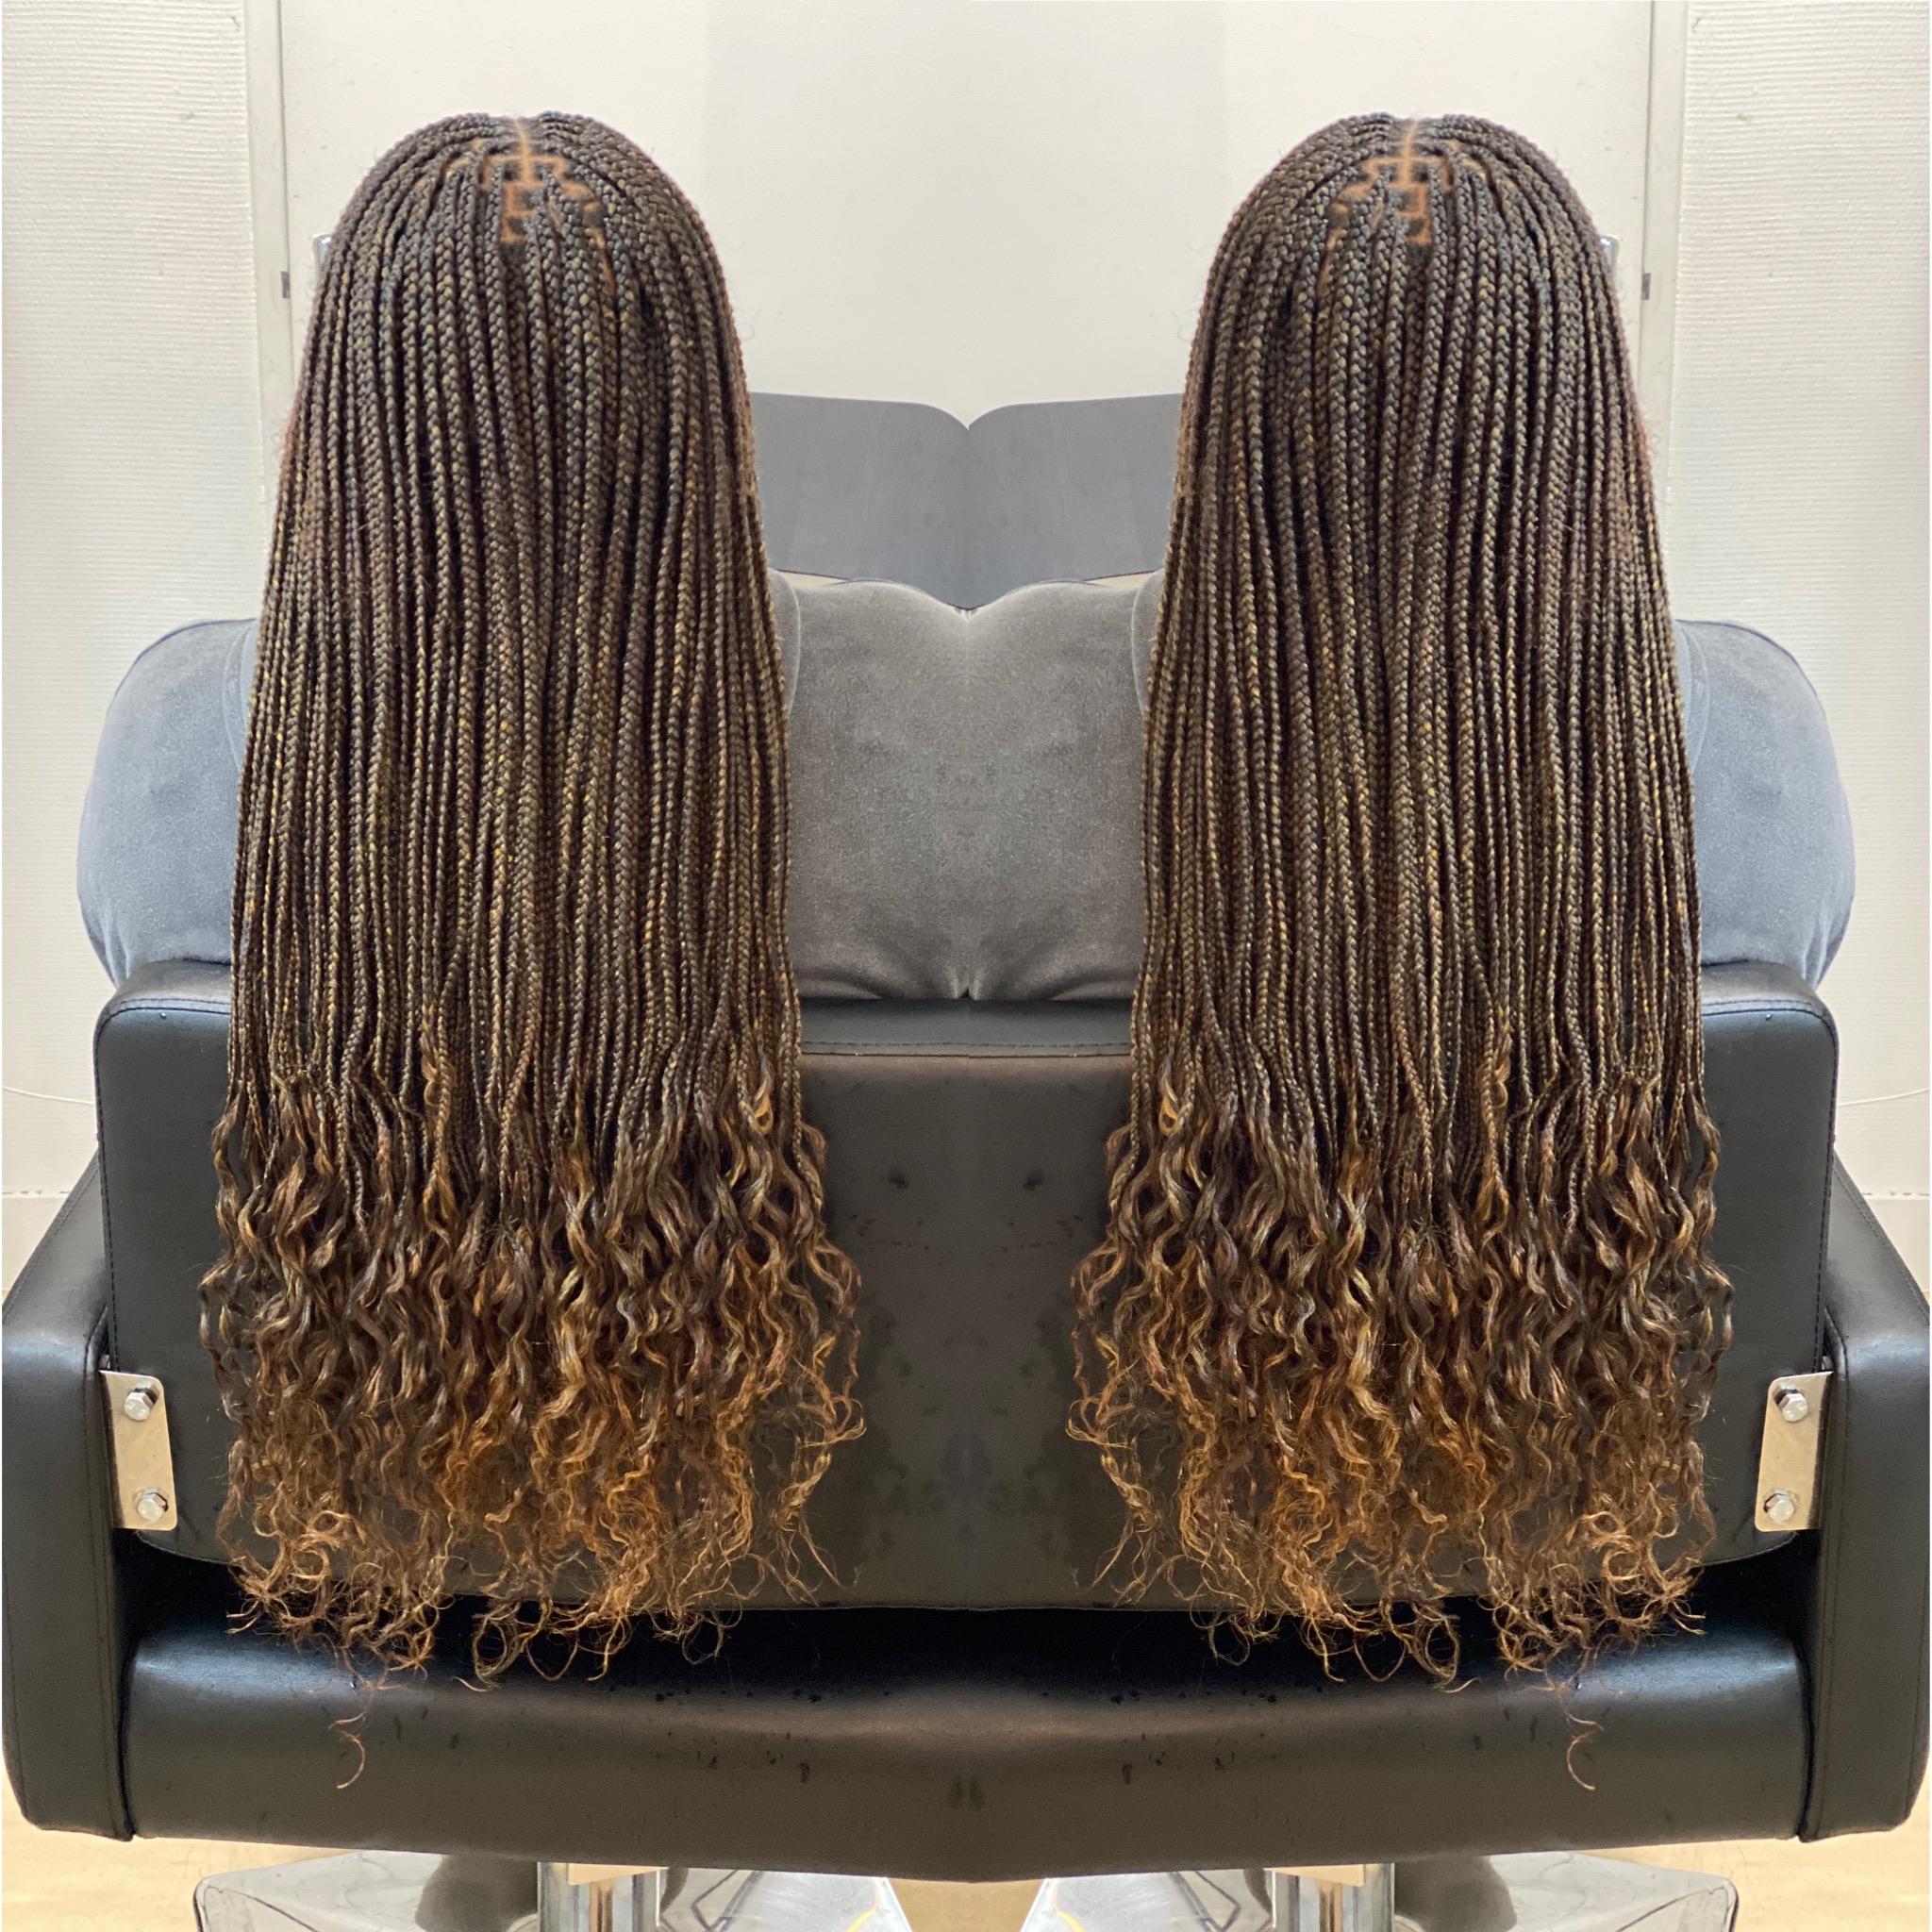 salon de coiffure afro tresse tresses box braids crochet braids vanilles tissages paris 75 77 78 91 92 93 94 95 ZRWCJZIS